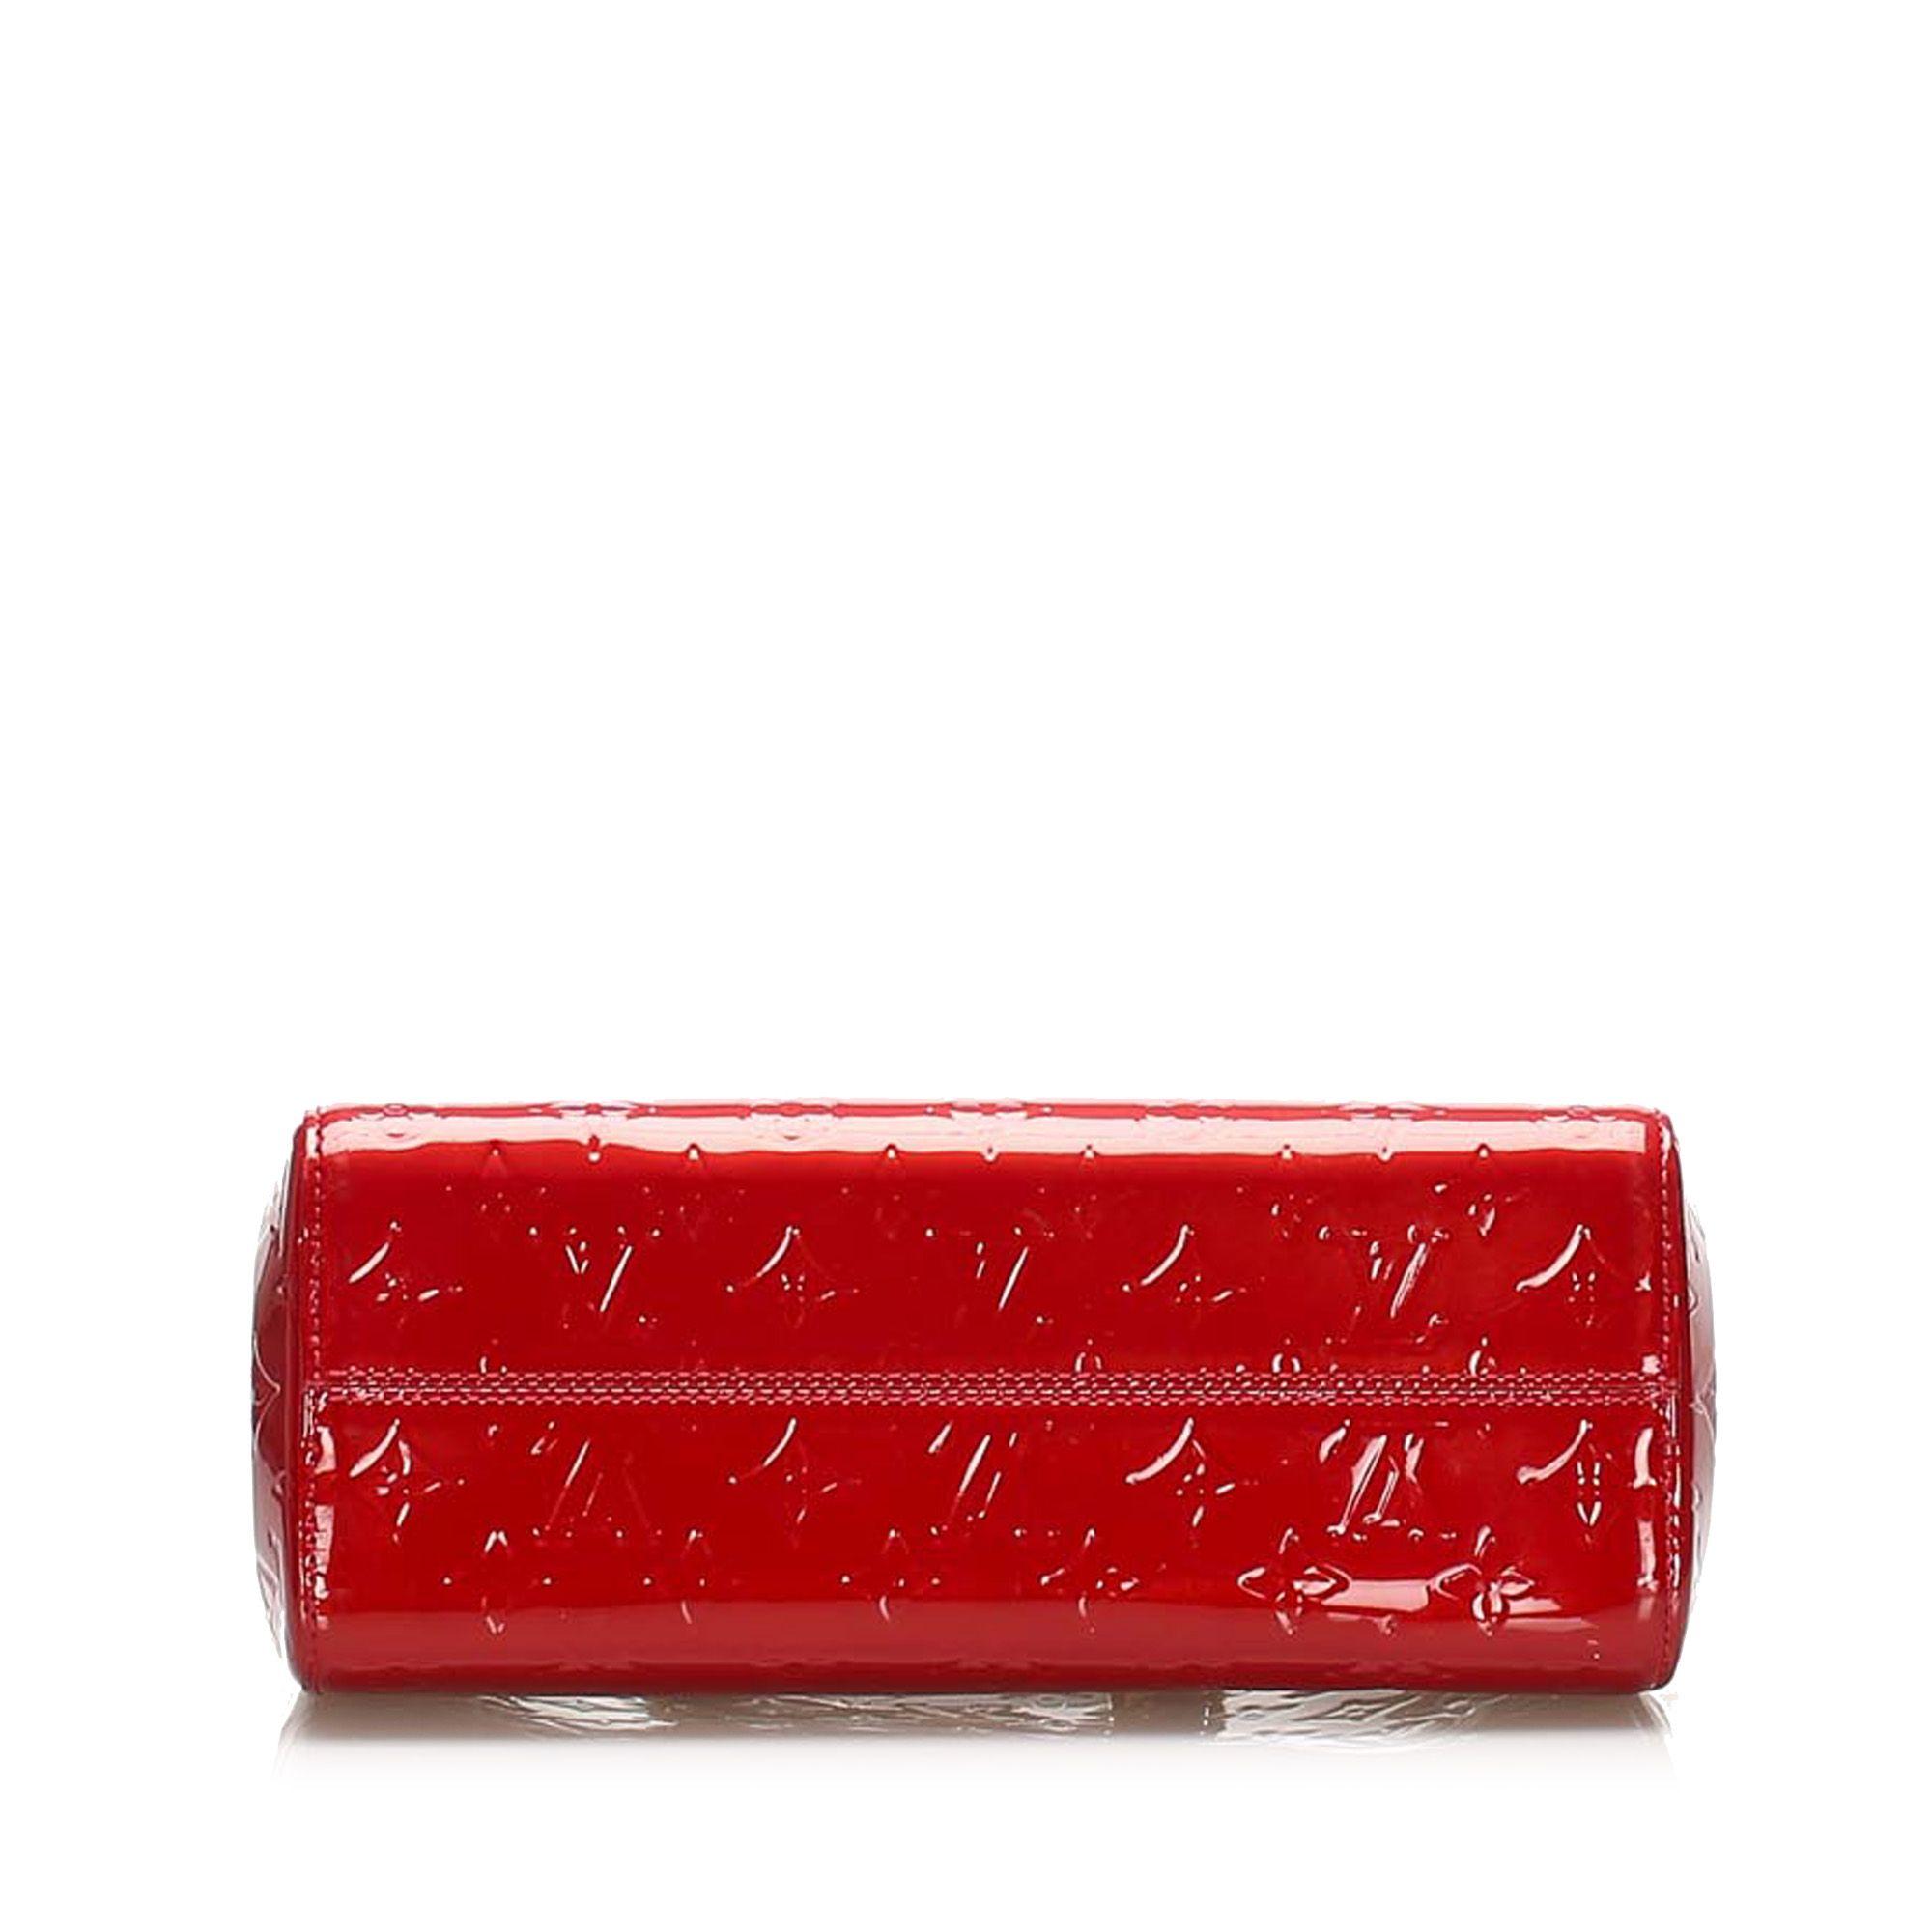 Vintage Louis Vuitton Vernis Brea PM Red